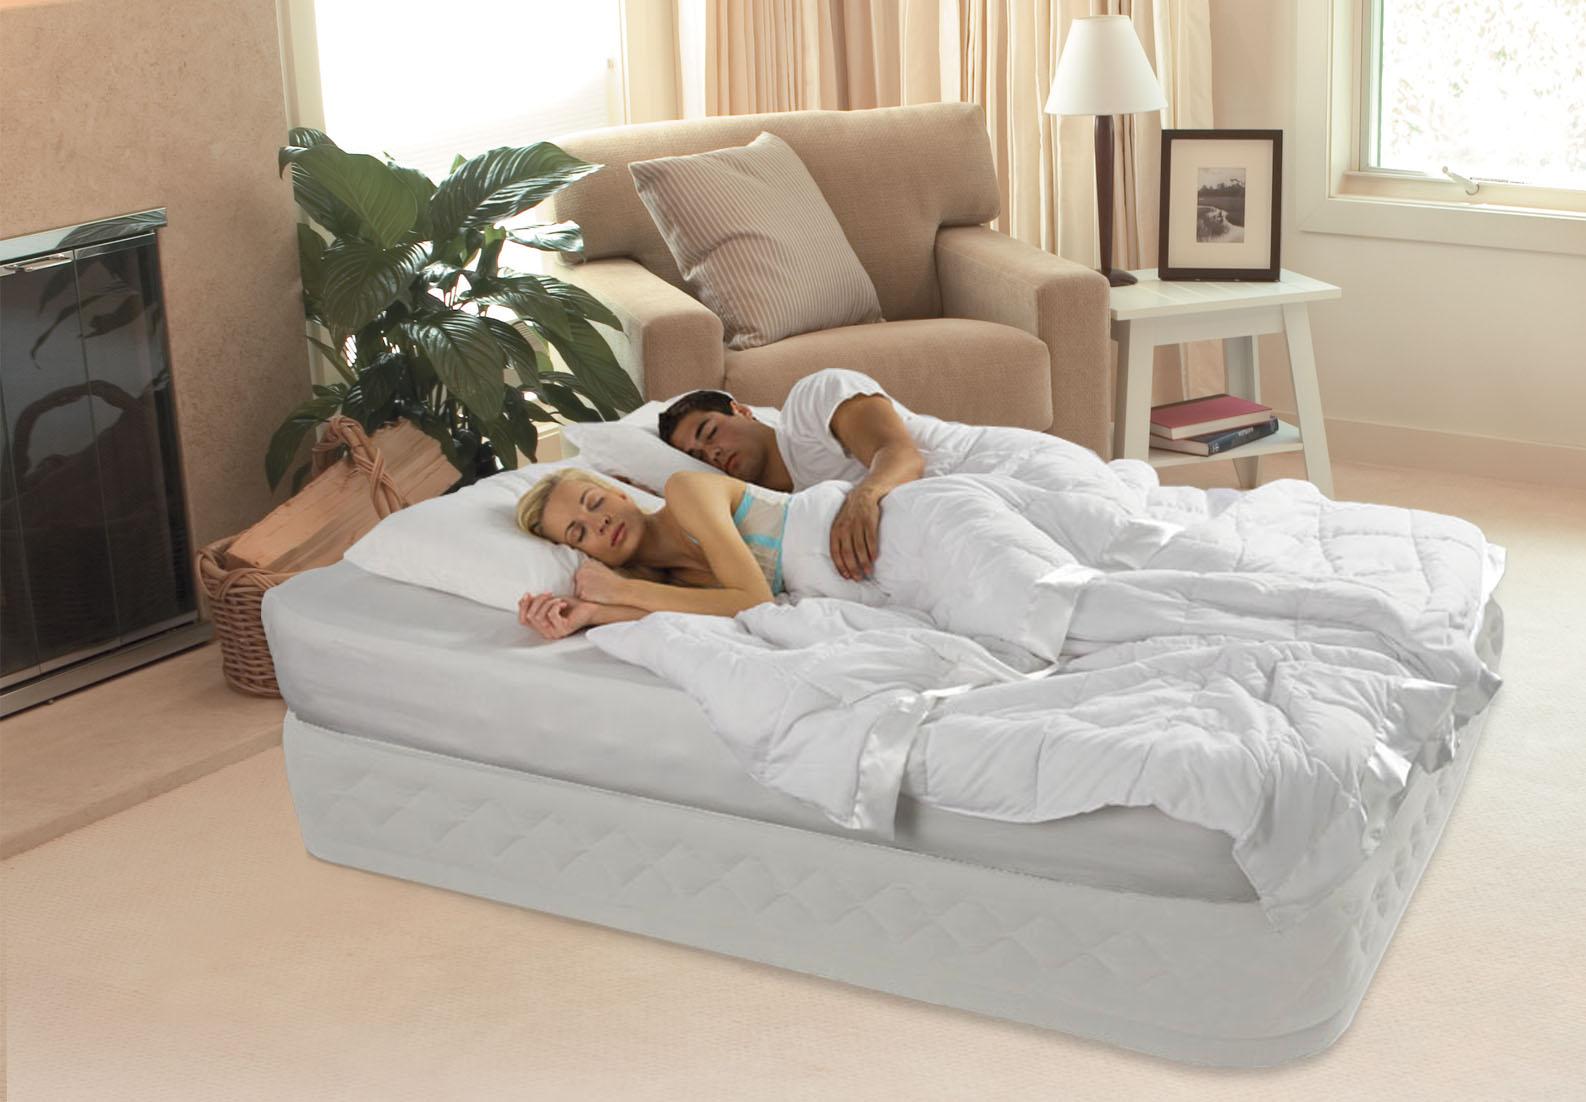 queen mattress bed.  Mattress Intex DuraBeam Queen Raised Supreme Air Flow Mattress Bed Built In Pump  64463E With